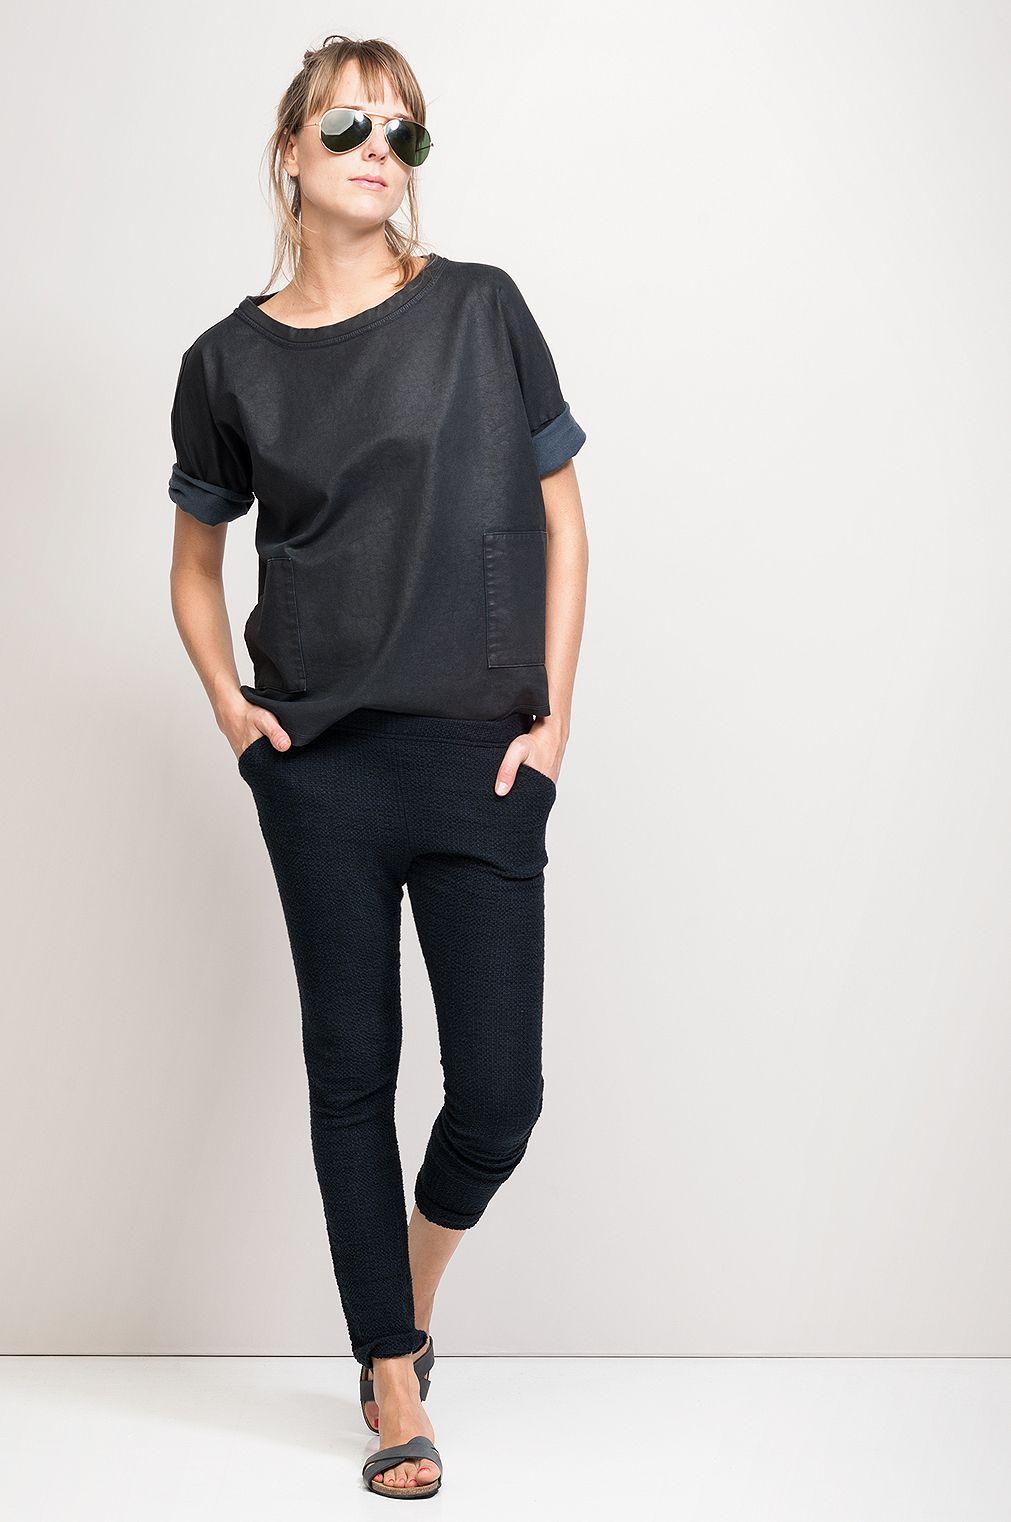 silhouette soir noir style pinterest silhouettes mode minimaliste et noir. Black Bedroom Furniture Sets. Home Design Ideas